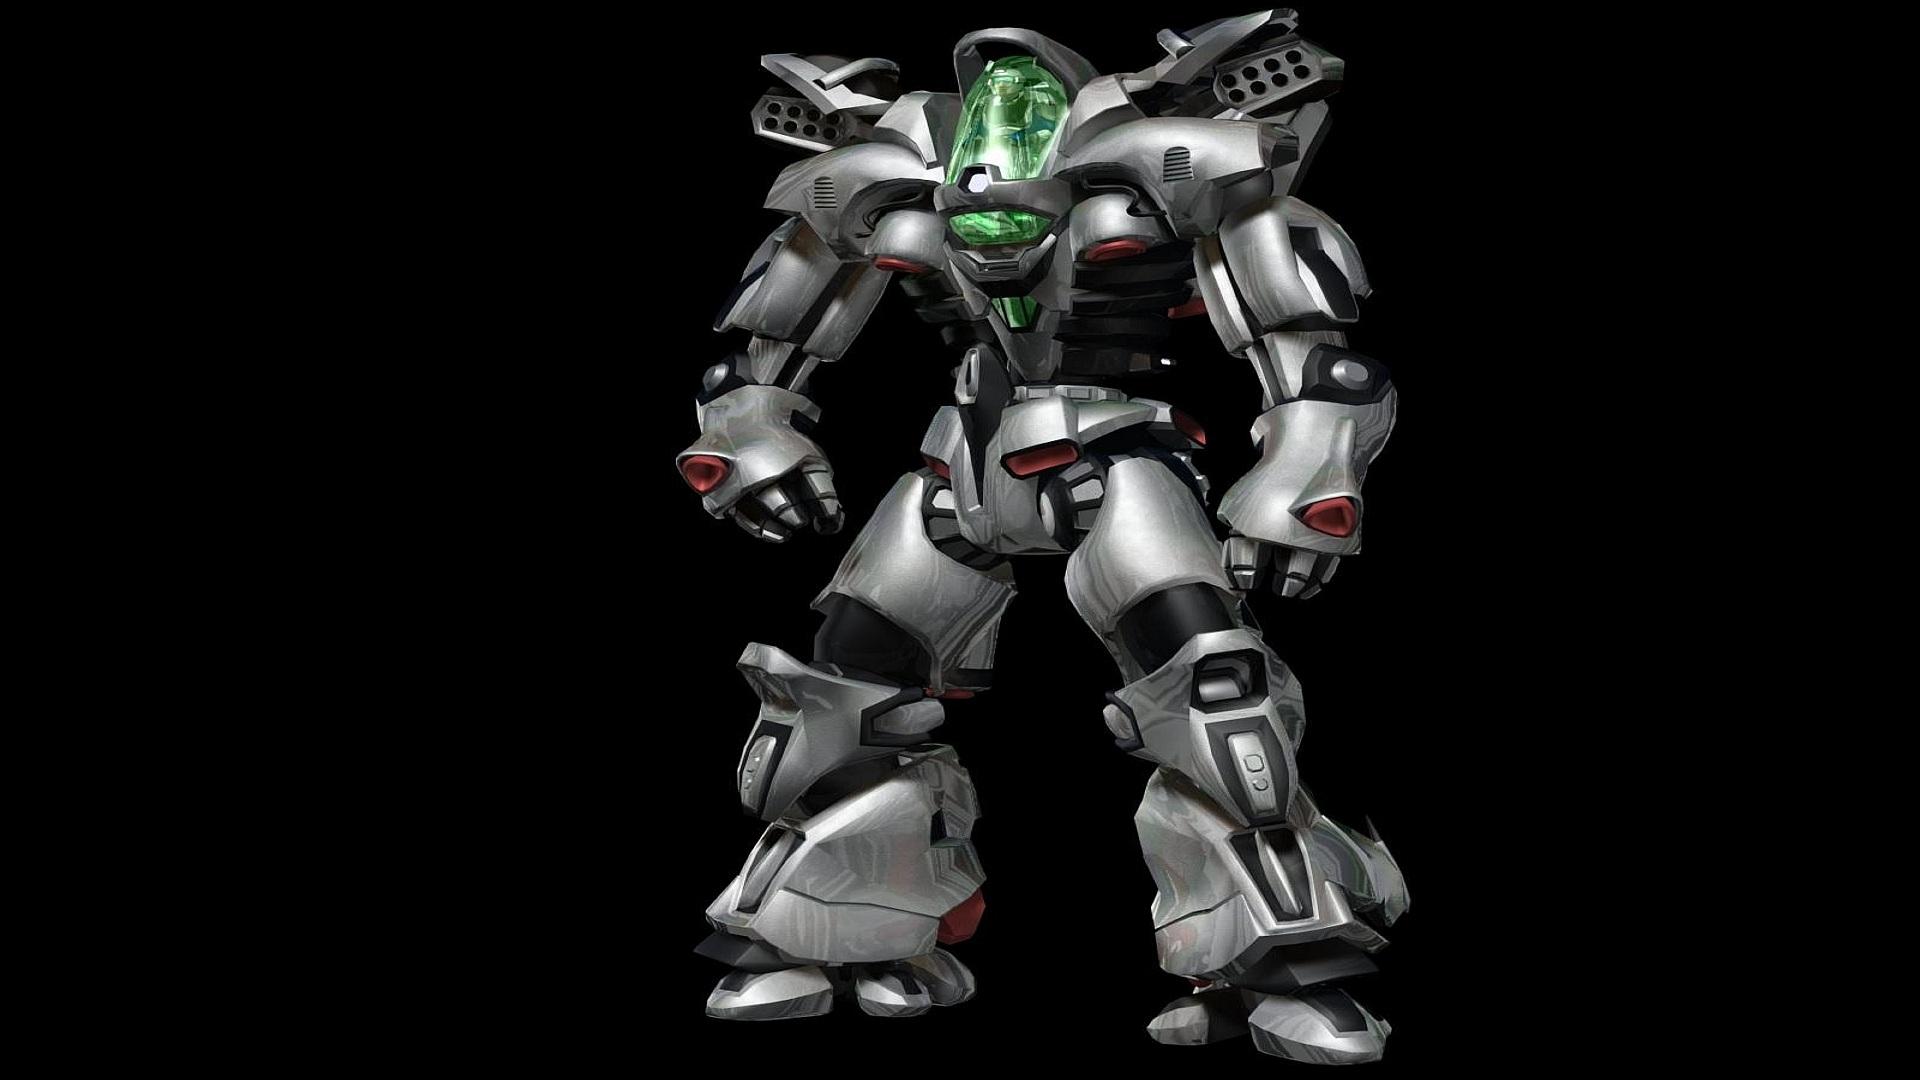 Robot Spider  Online Image Arcade